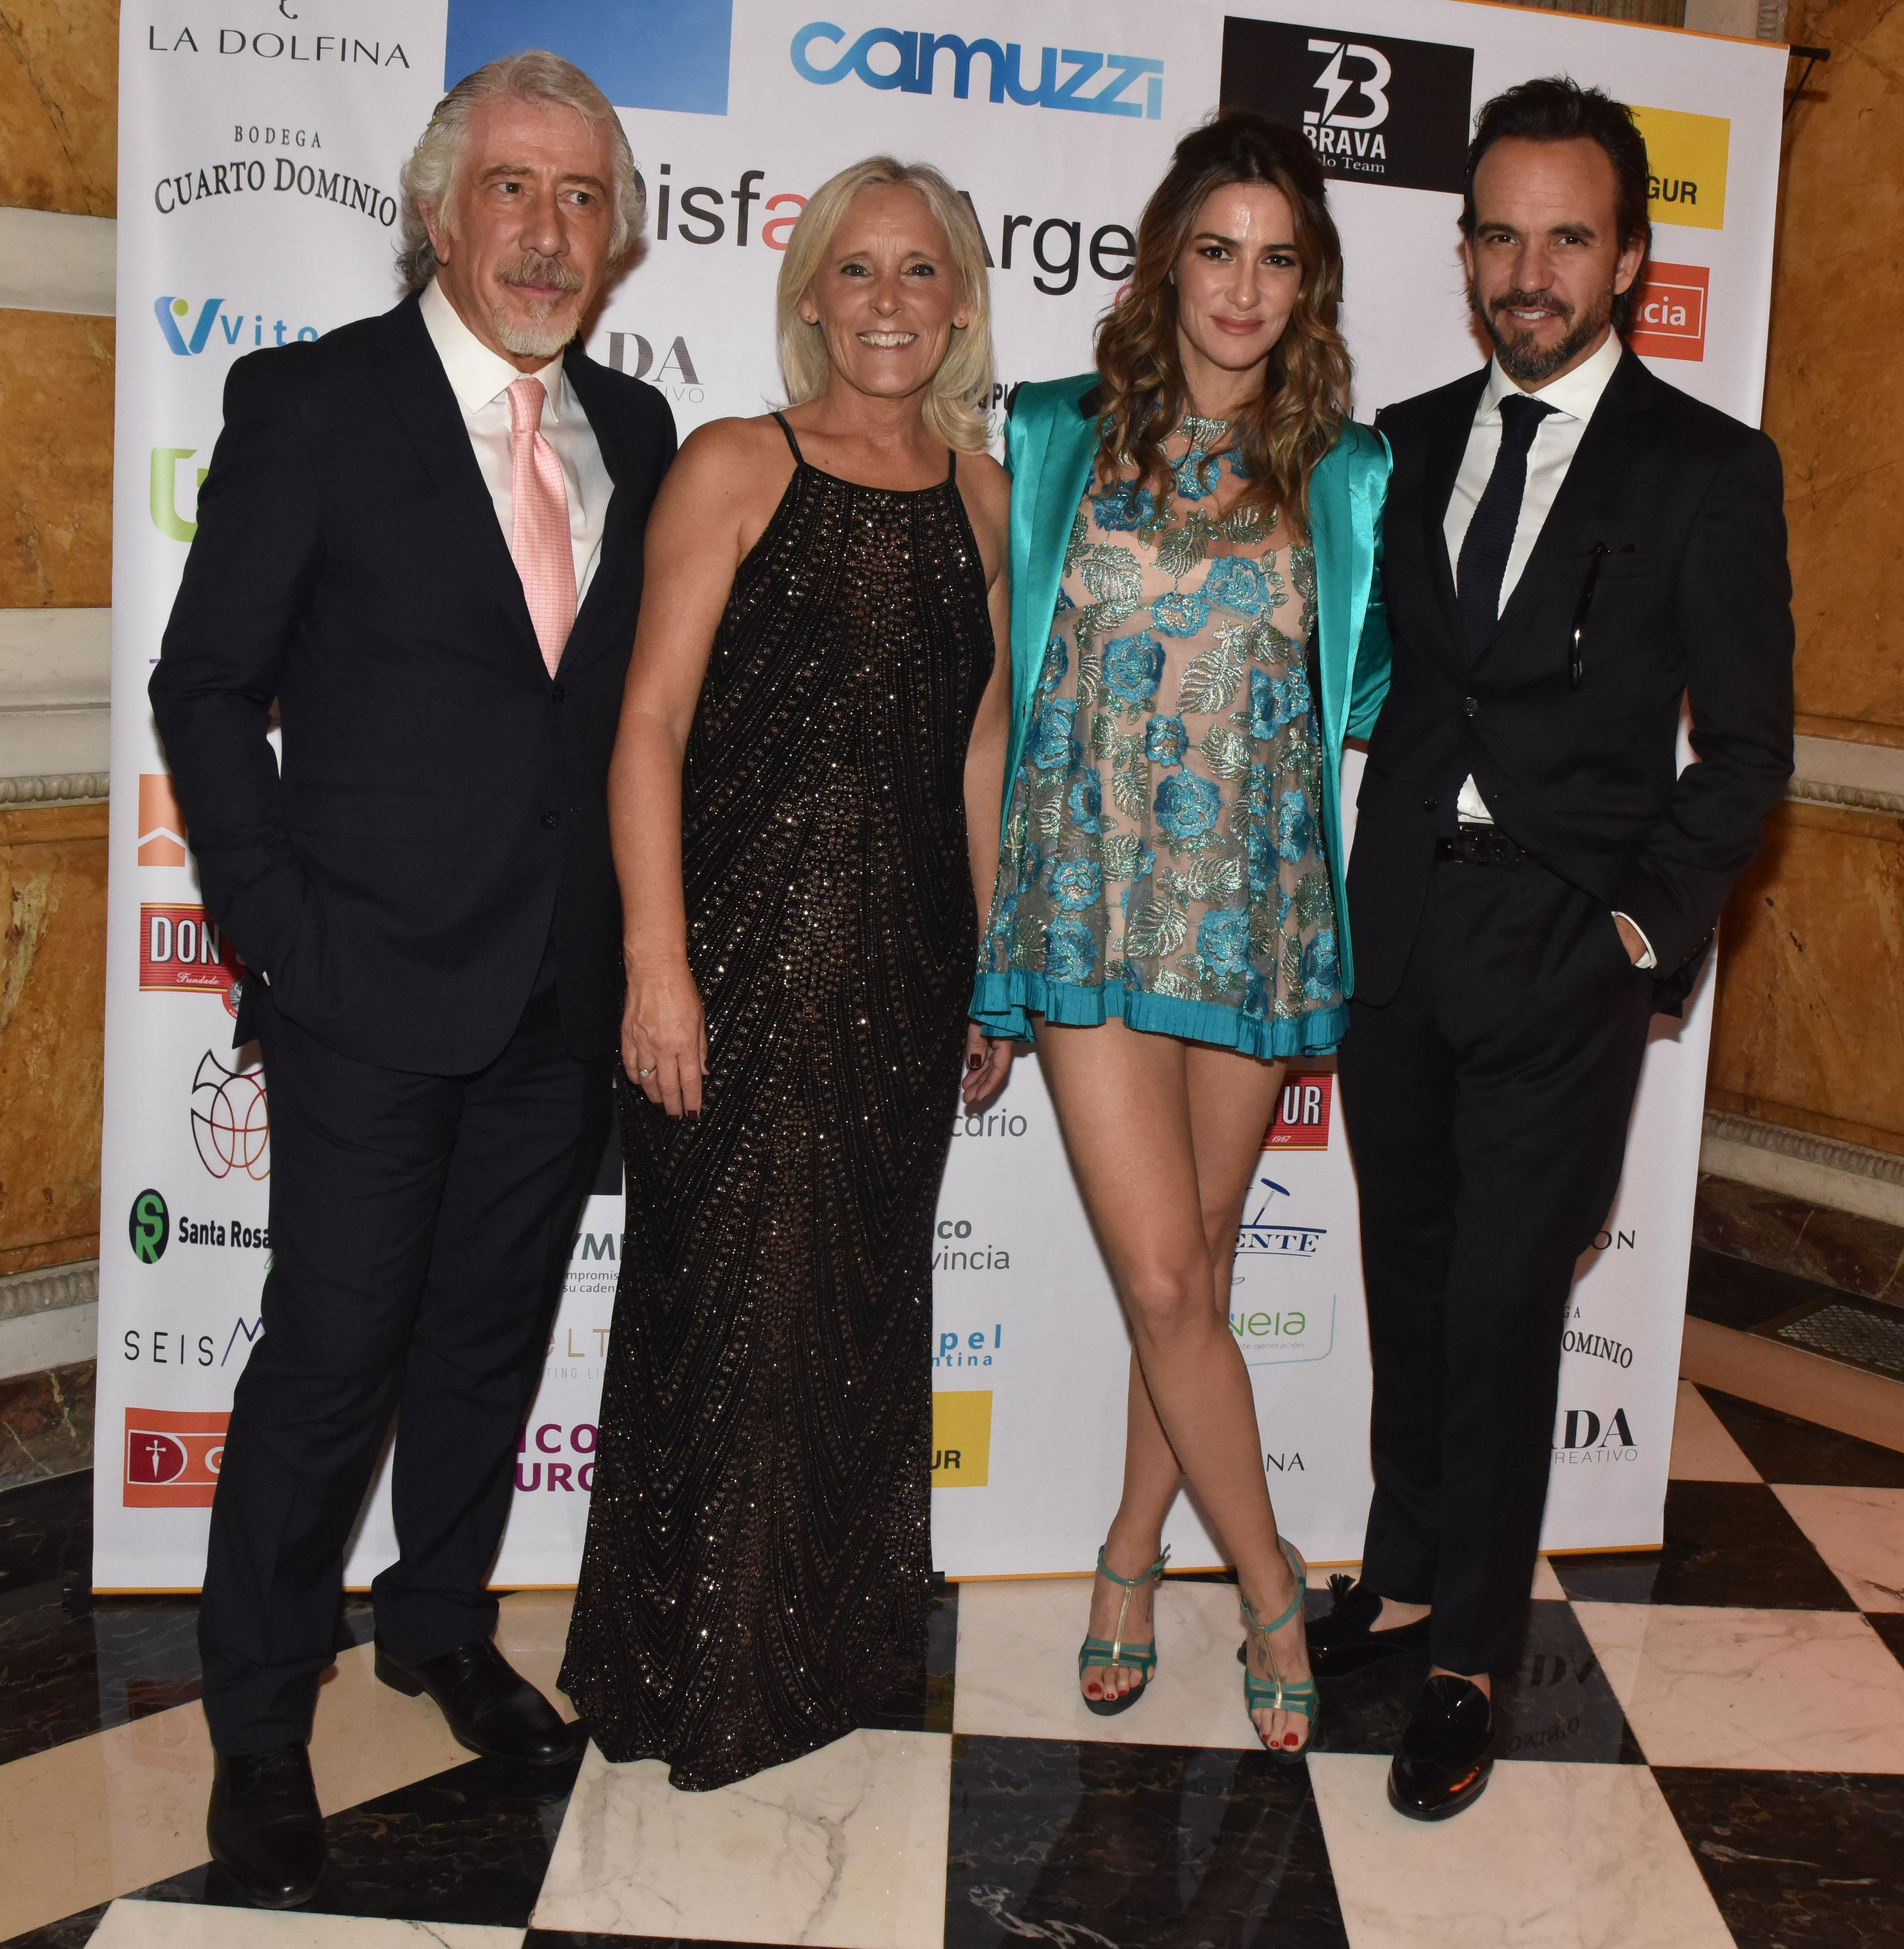 Gustavo Abichacra y María Arabetti junto a Puli Demaría y Chule Bernardo /// Fotos: Franco Fafasuli